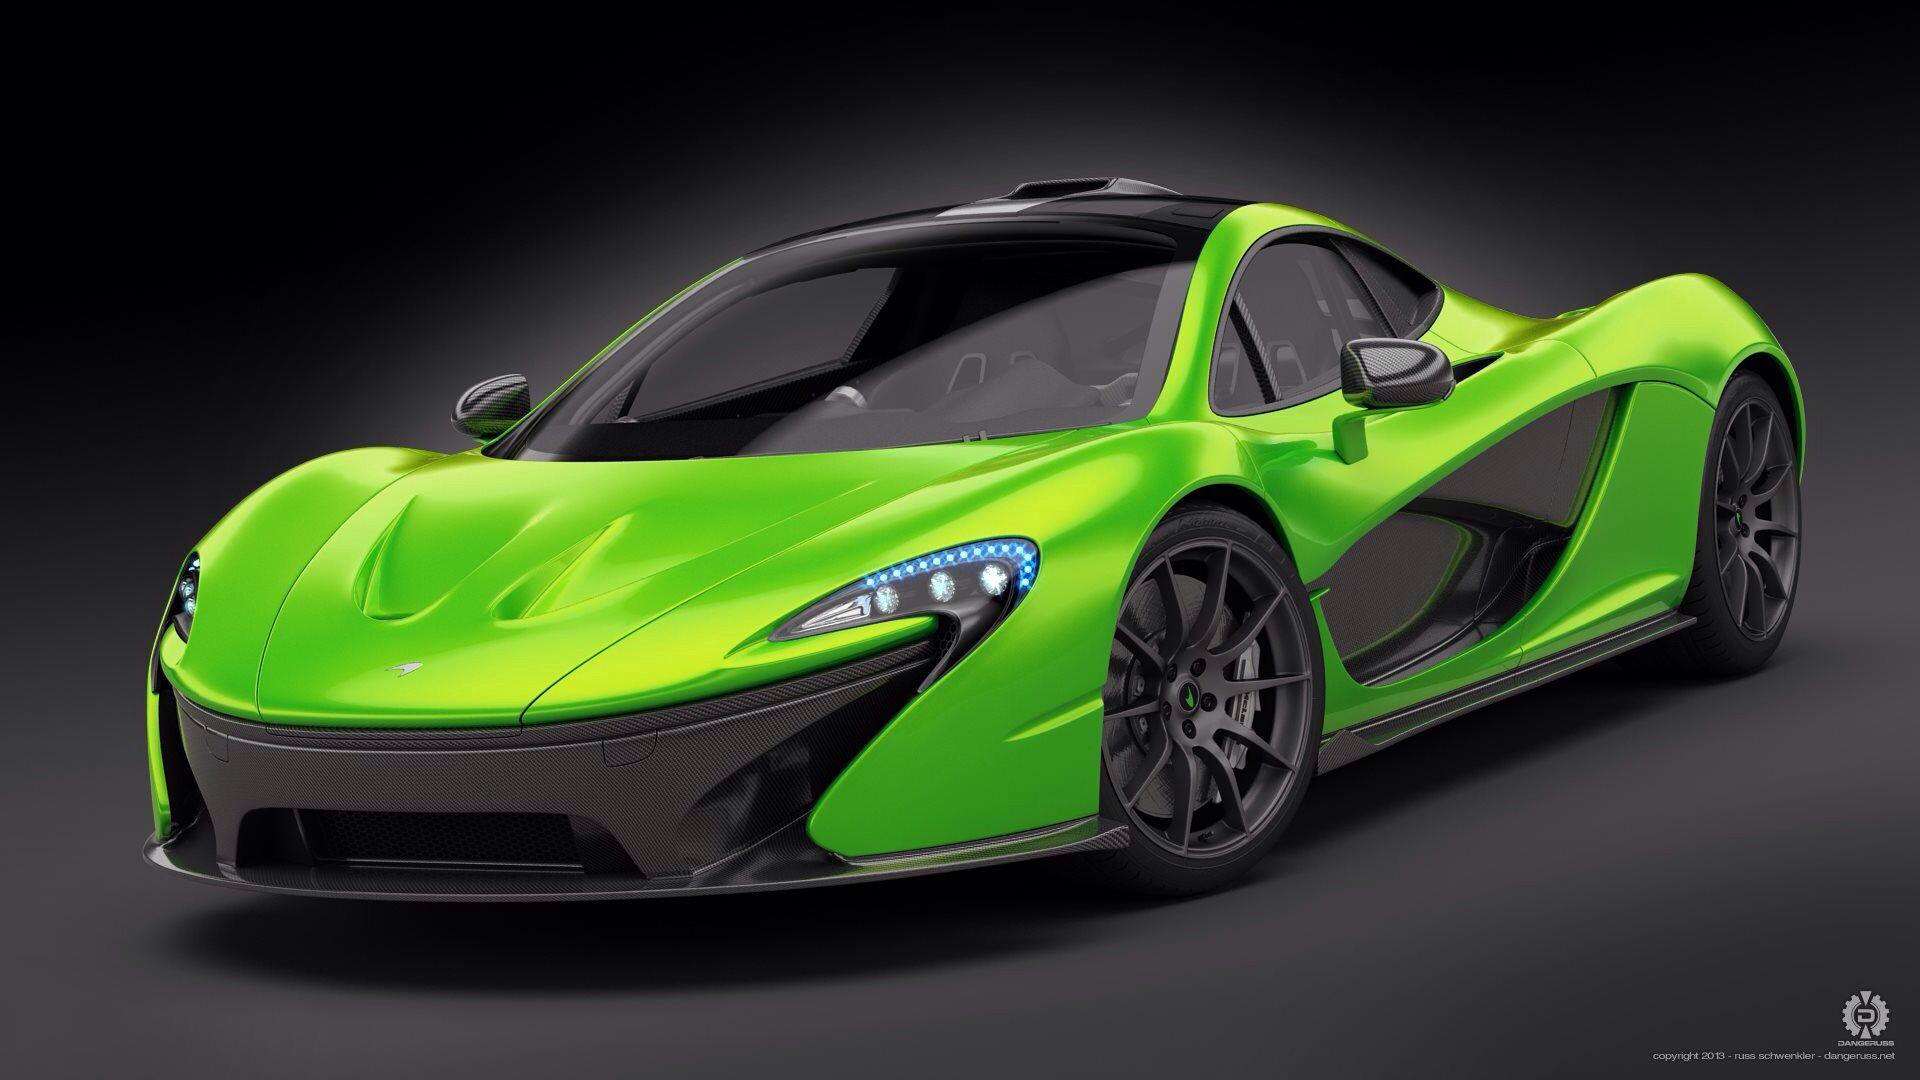 Mclaren Mp1 Neon Green Automotive Viper Green Mclaren P1